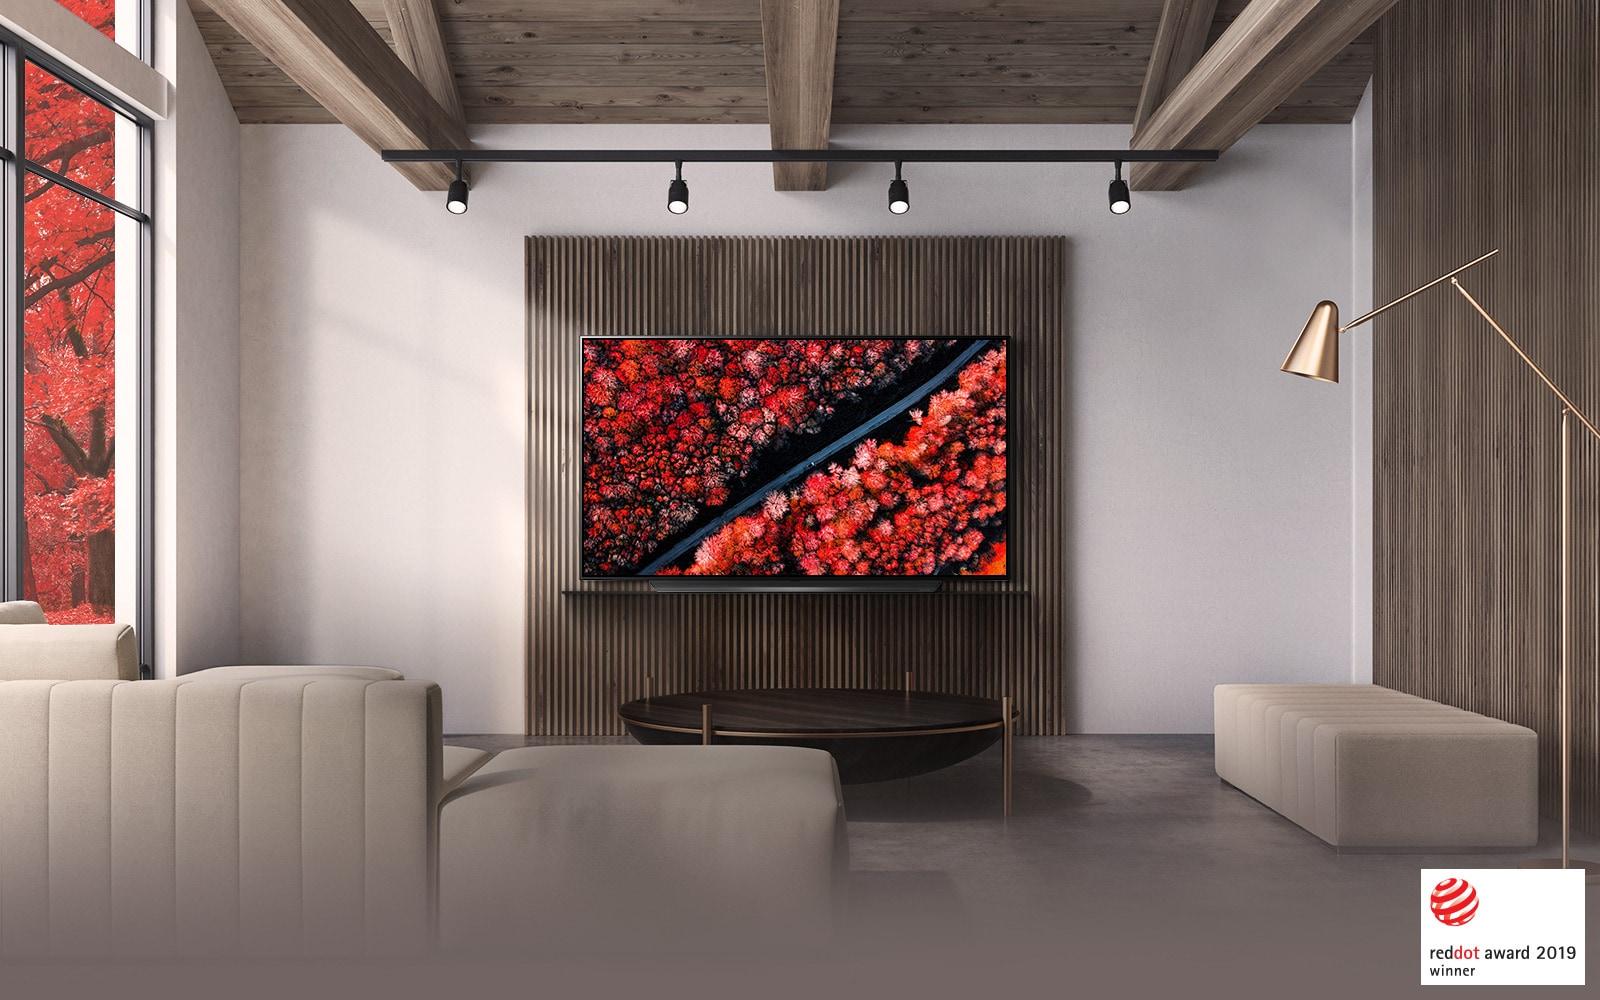 TV-OLED-C9-06-Design-Desktop_V